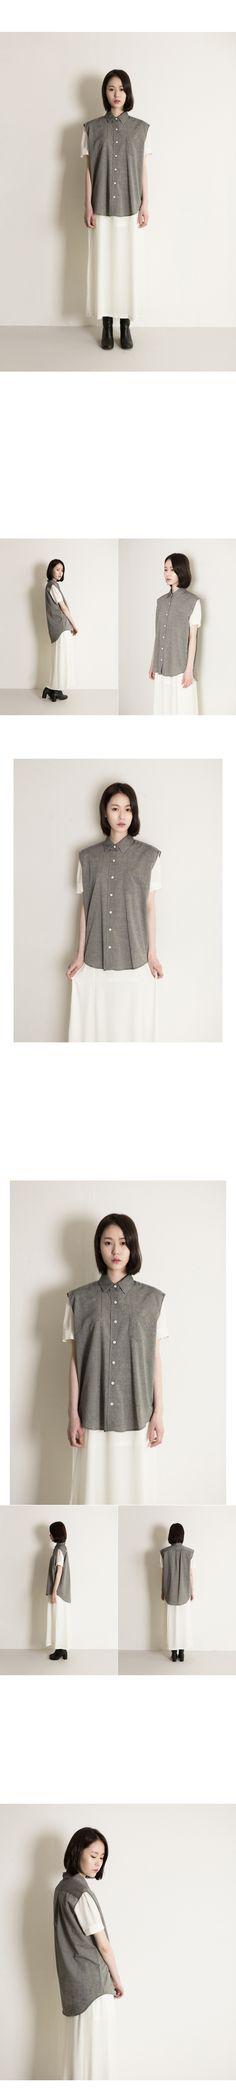 Vest Shirts | MIXXMIX